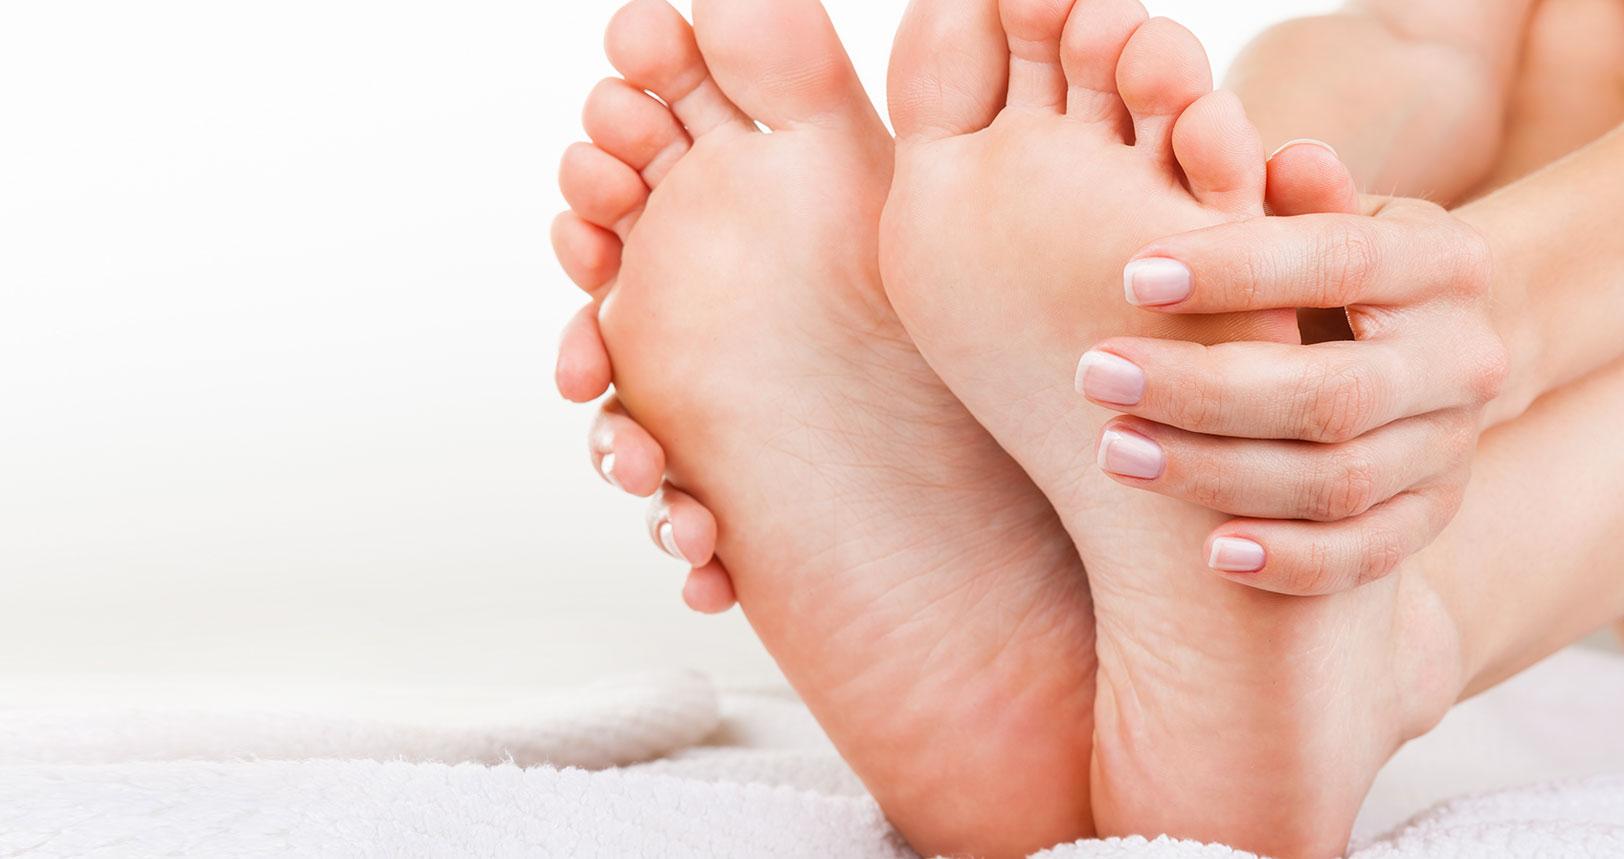 trattamento micosi verruche unghie incarnite piede diabetico ortesi plantari su misura podologia podologo perugia citta della pieve